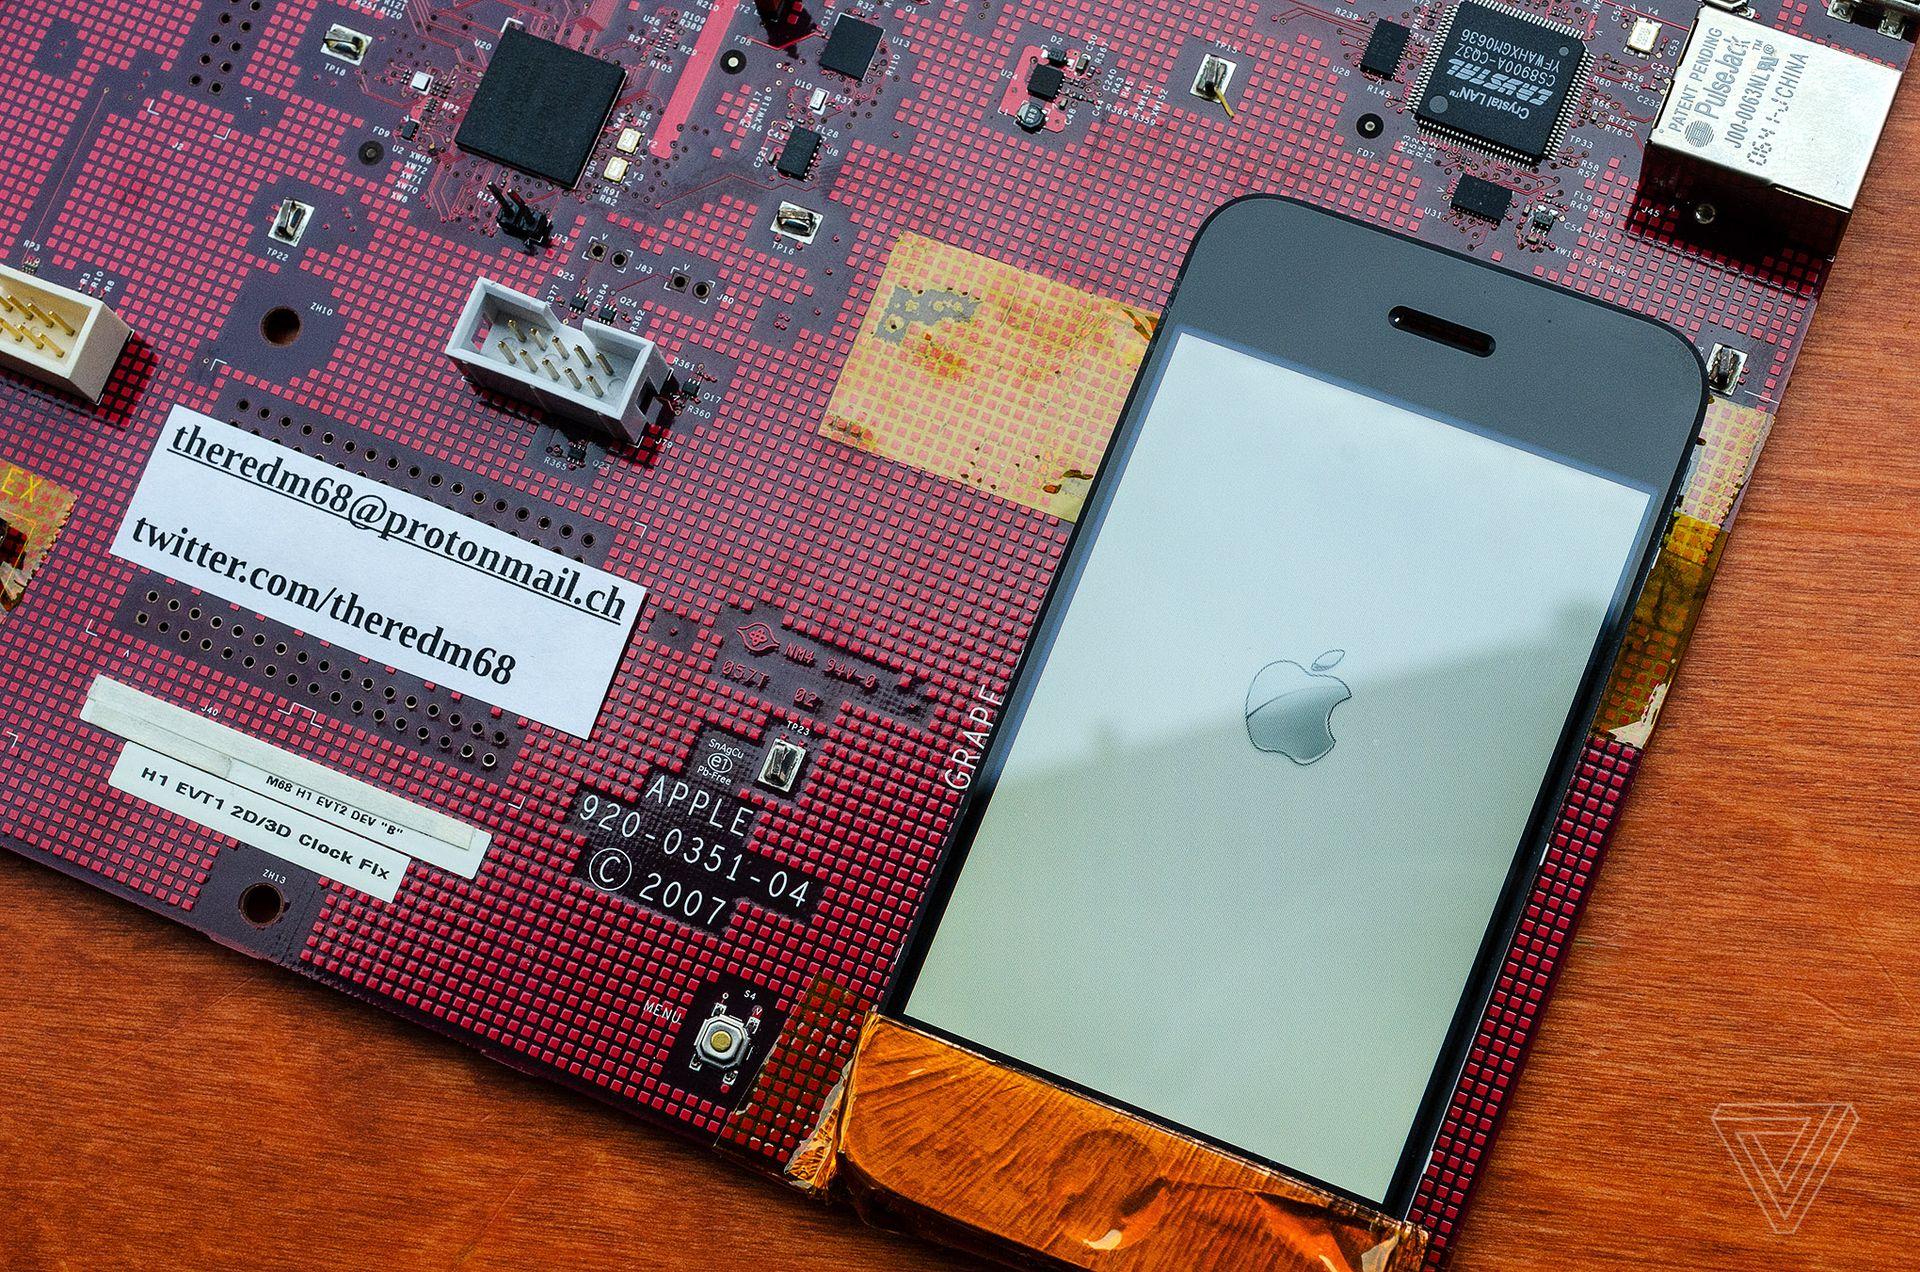 IPhone prototype (M68)